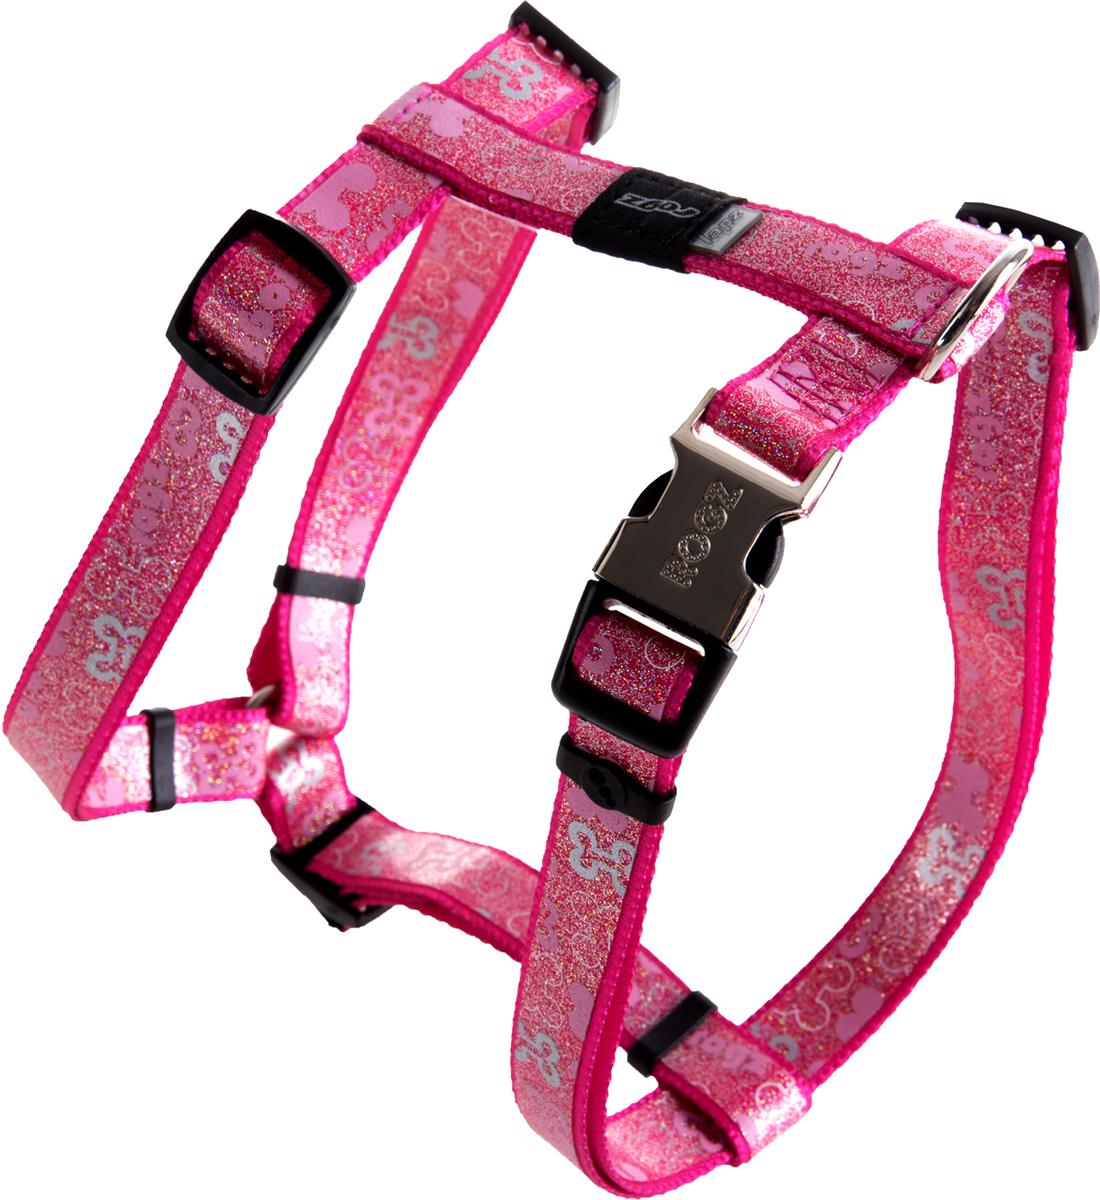 Шлейка для собак Rogz Trendy, цвет: розовый, ширина 1,6 см. Размер MSJ523KШлейка для собак Rogz Trendy обладает нежнейшей мягкостью и гибкостью.Светоотражающие материалы для обеспечения лучшей видимости собаки в темное время суток.